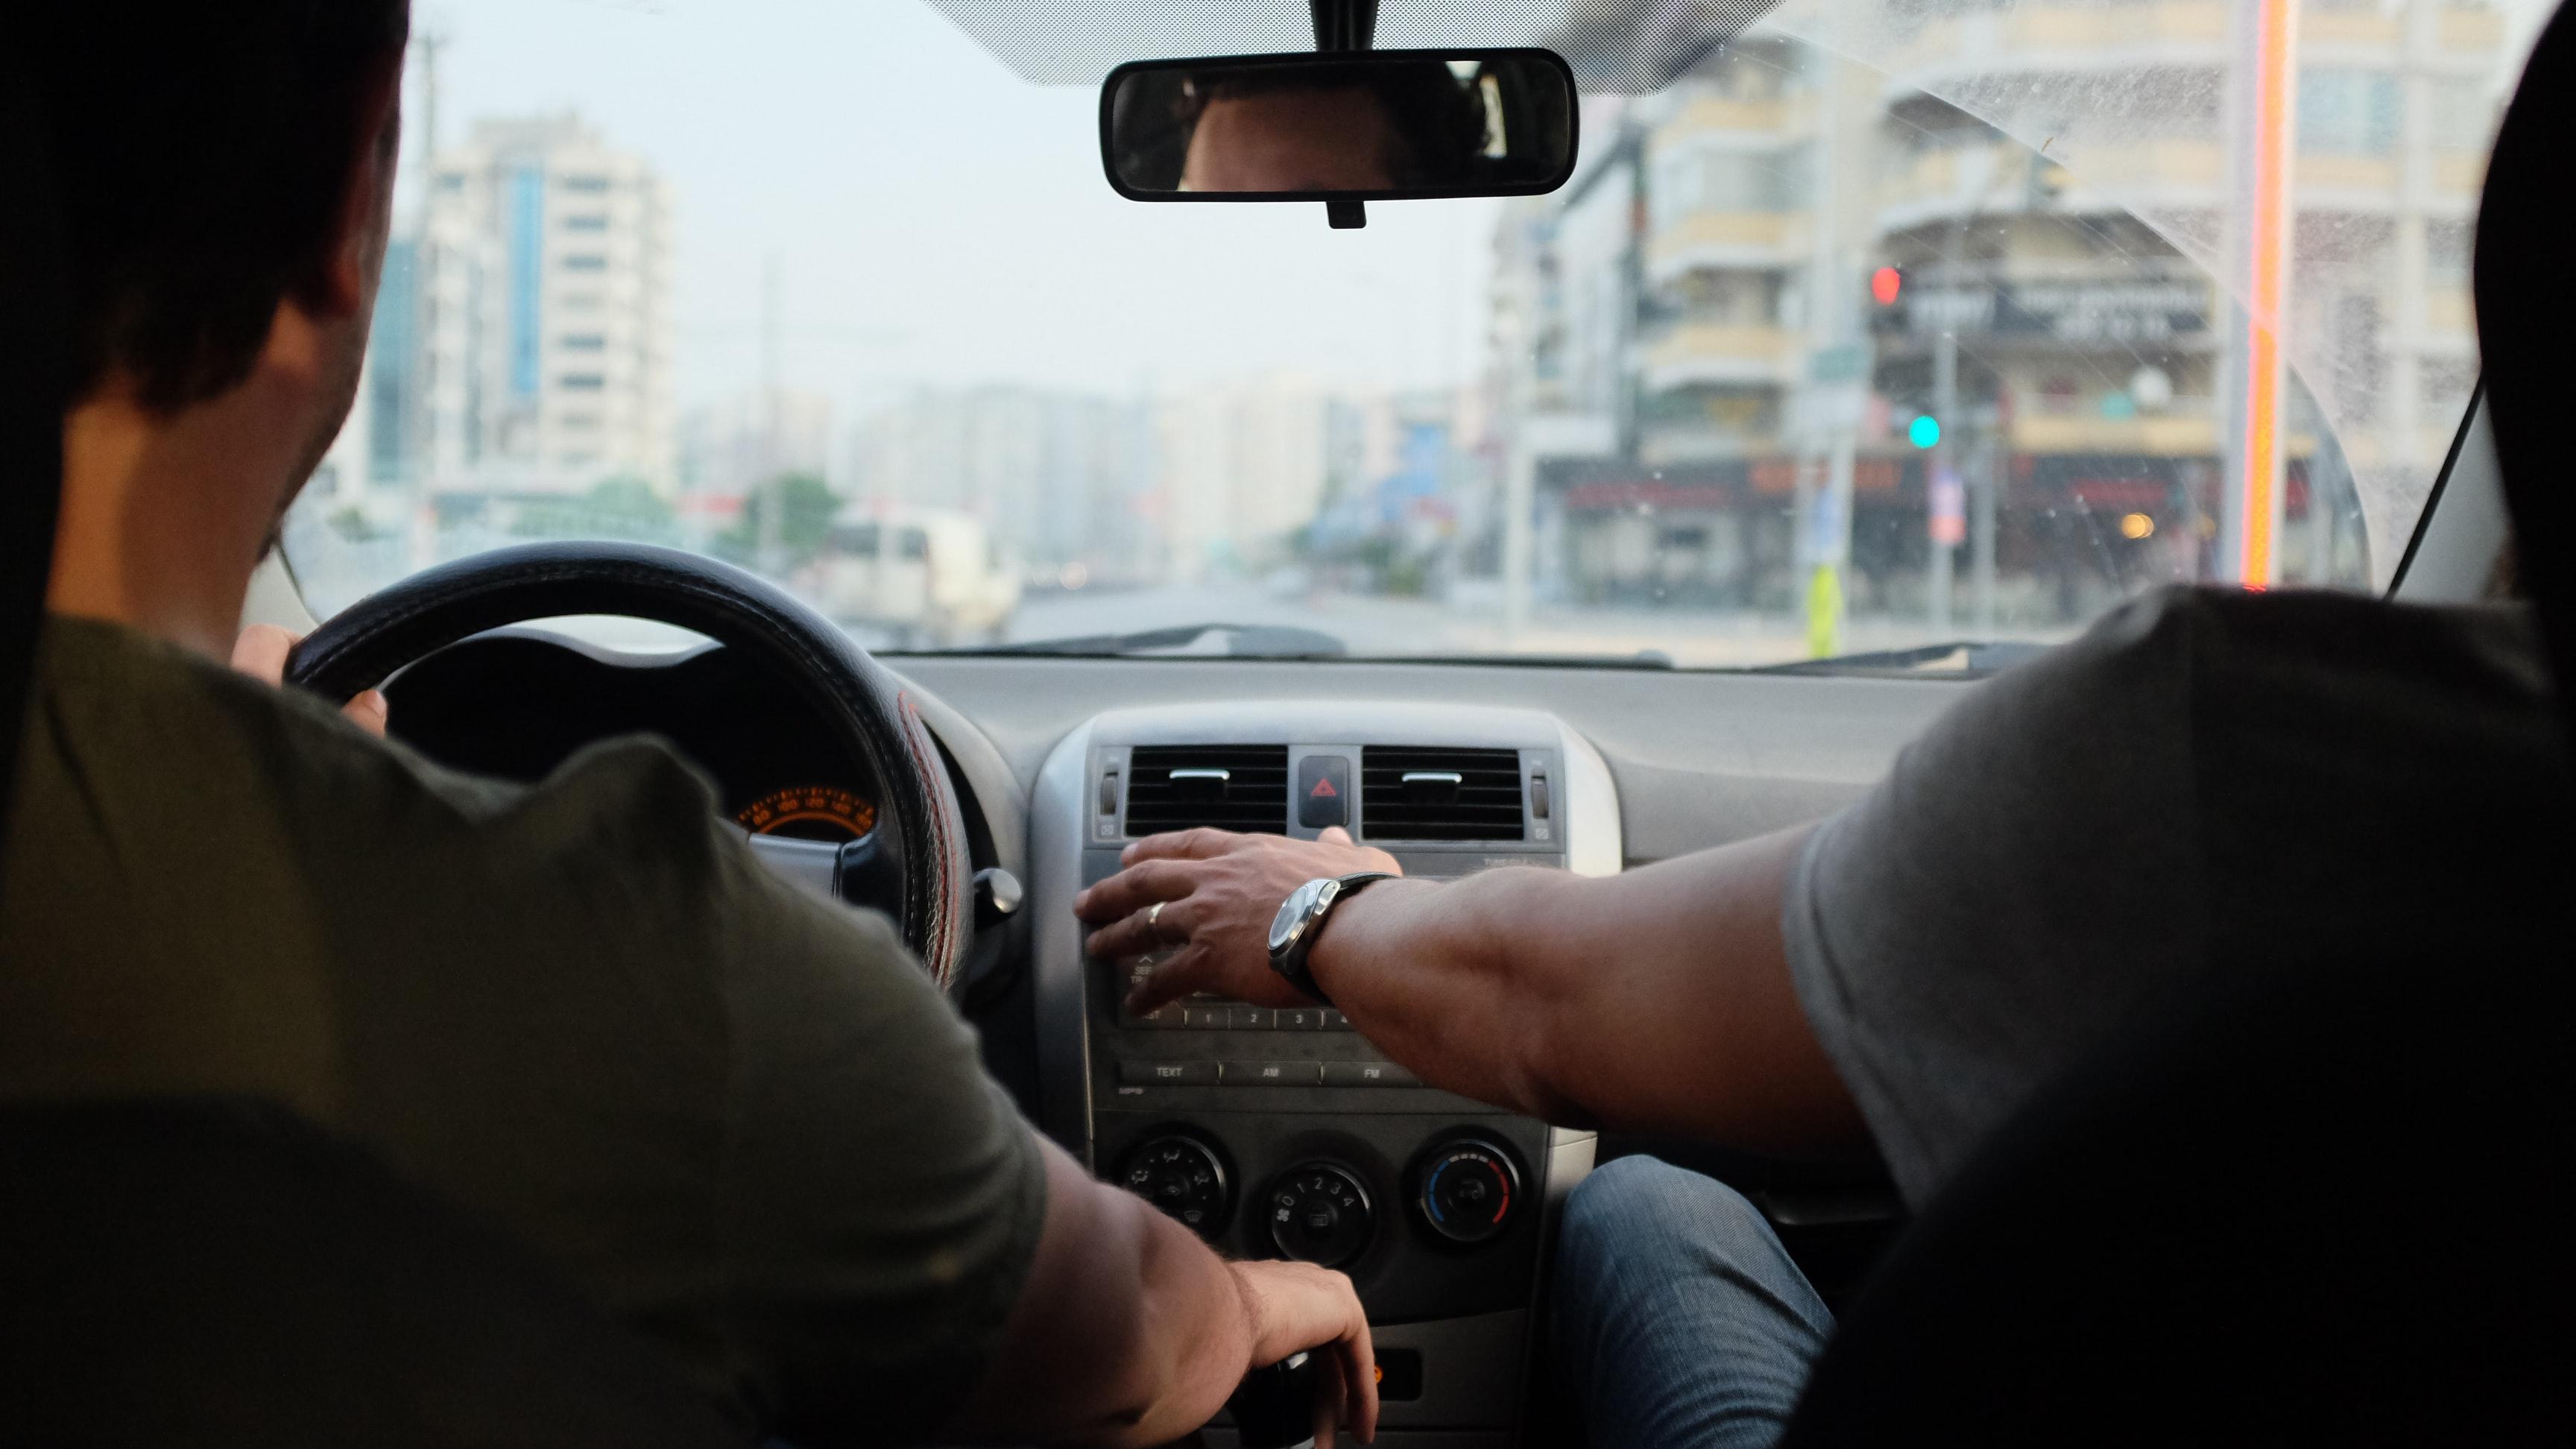 Kørselsfradrag: Hvornår kan du få det, og hvad er satserne?